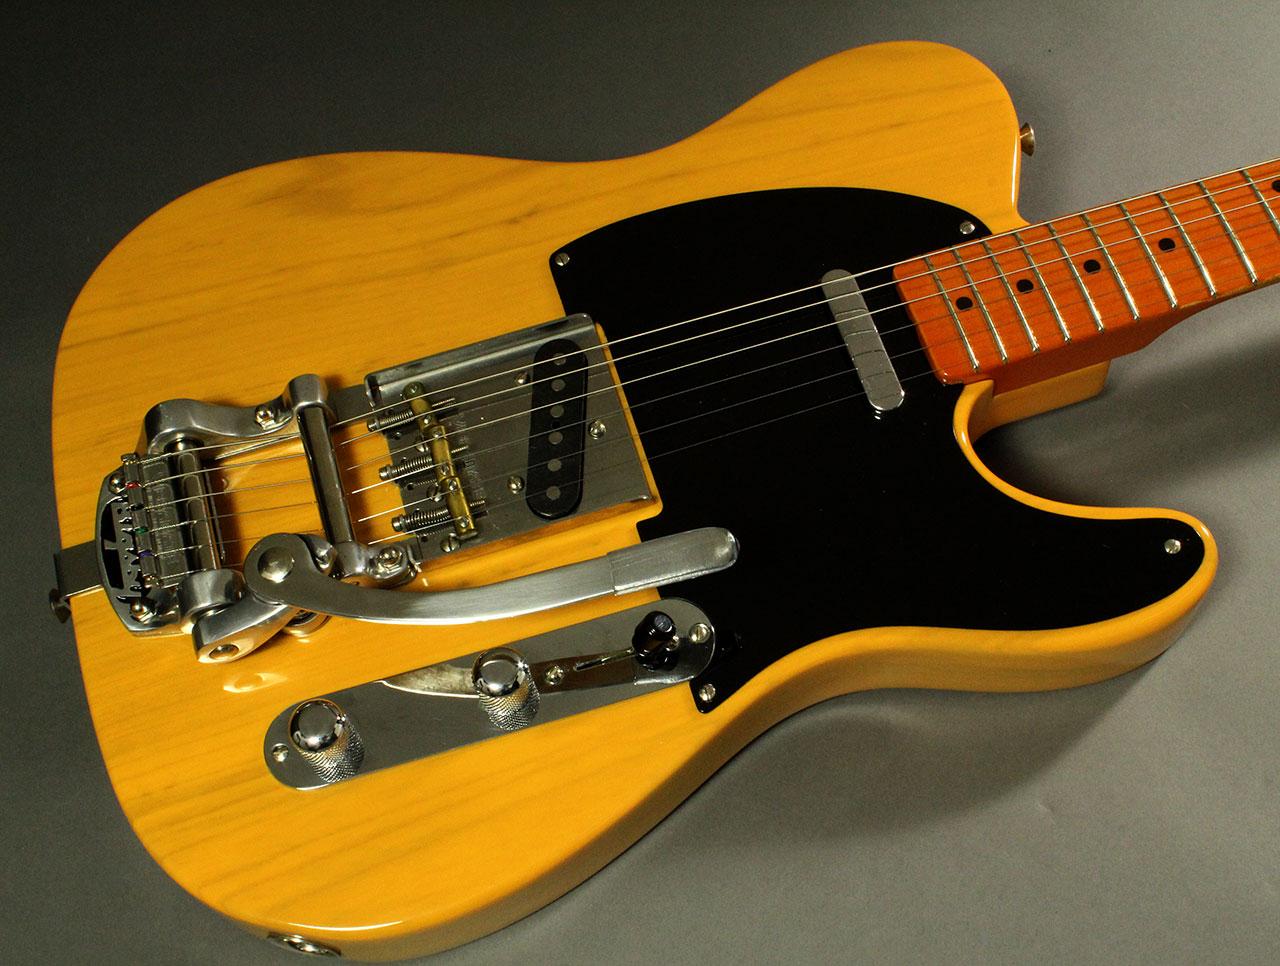 Fender_1952_tele_reissue.jpg